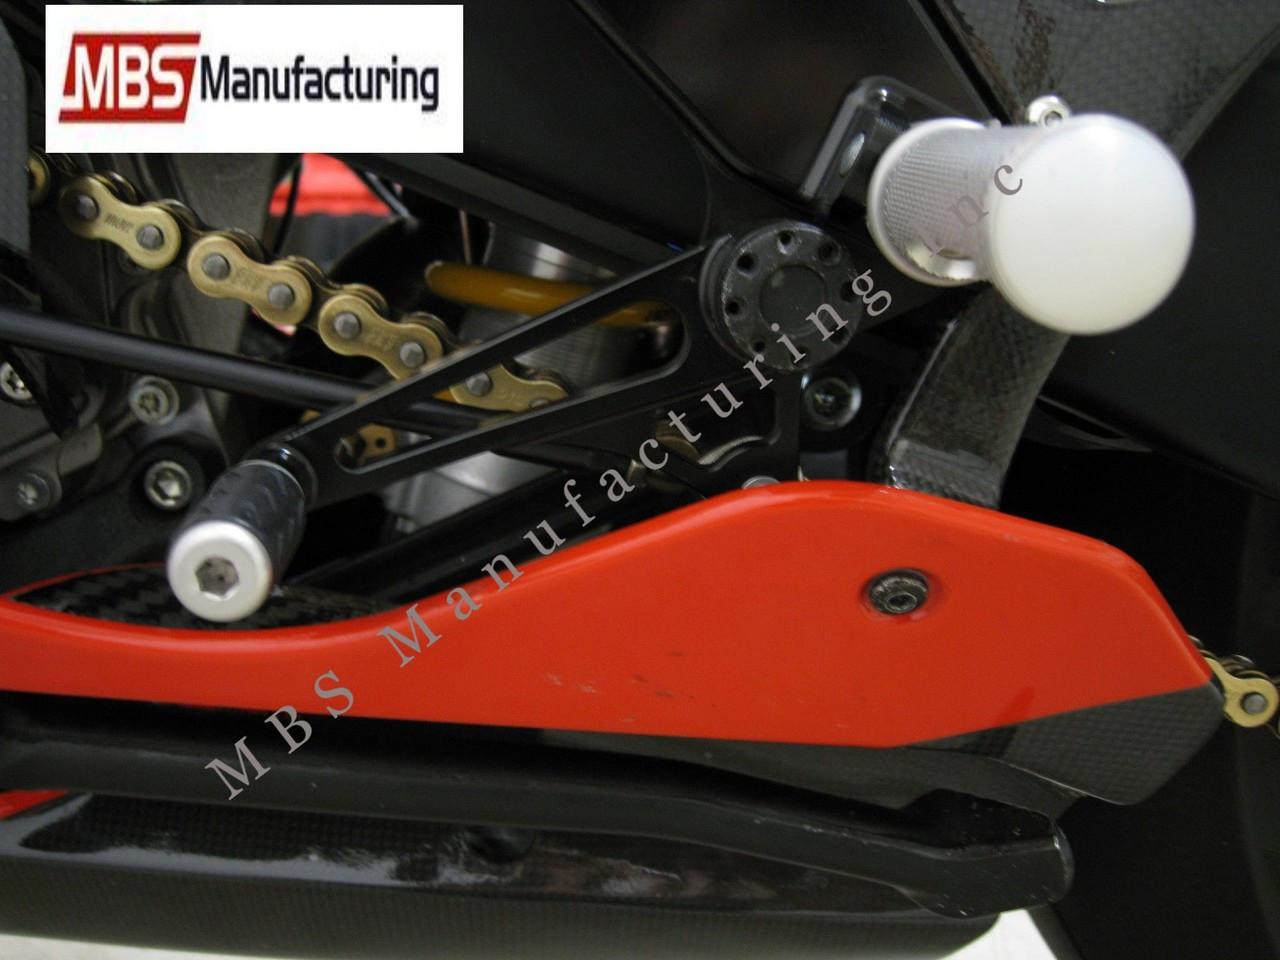 Ducati Desmosedici RR Foot Break and Shifter Bolt Tool